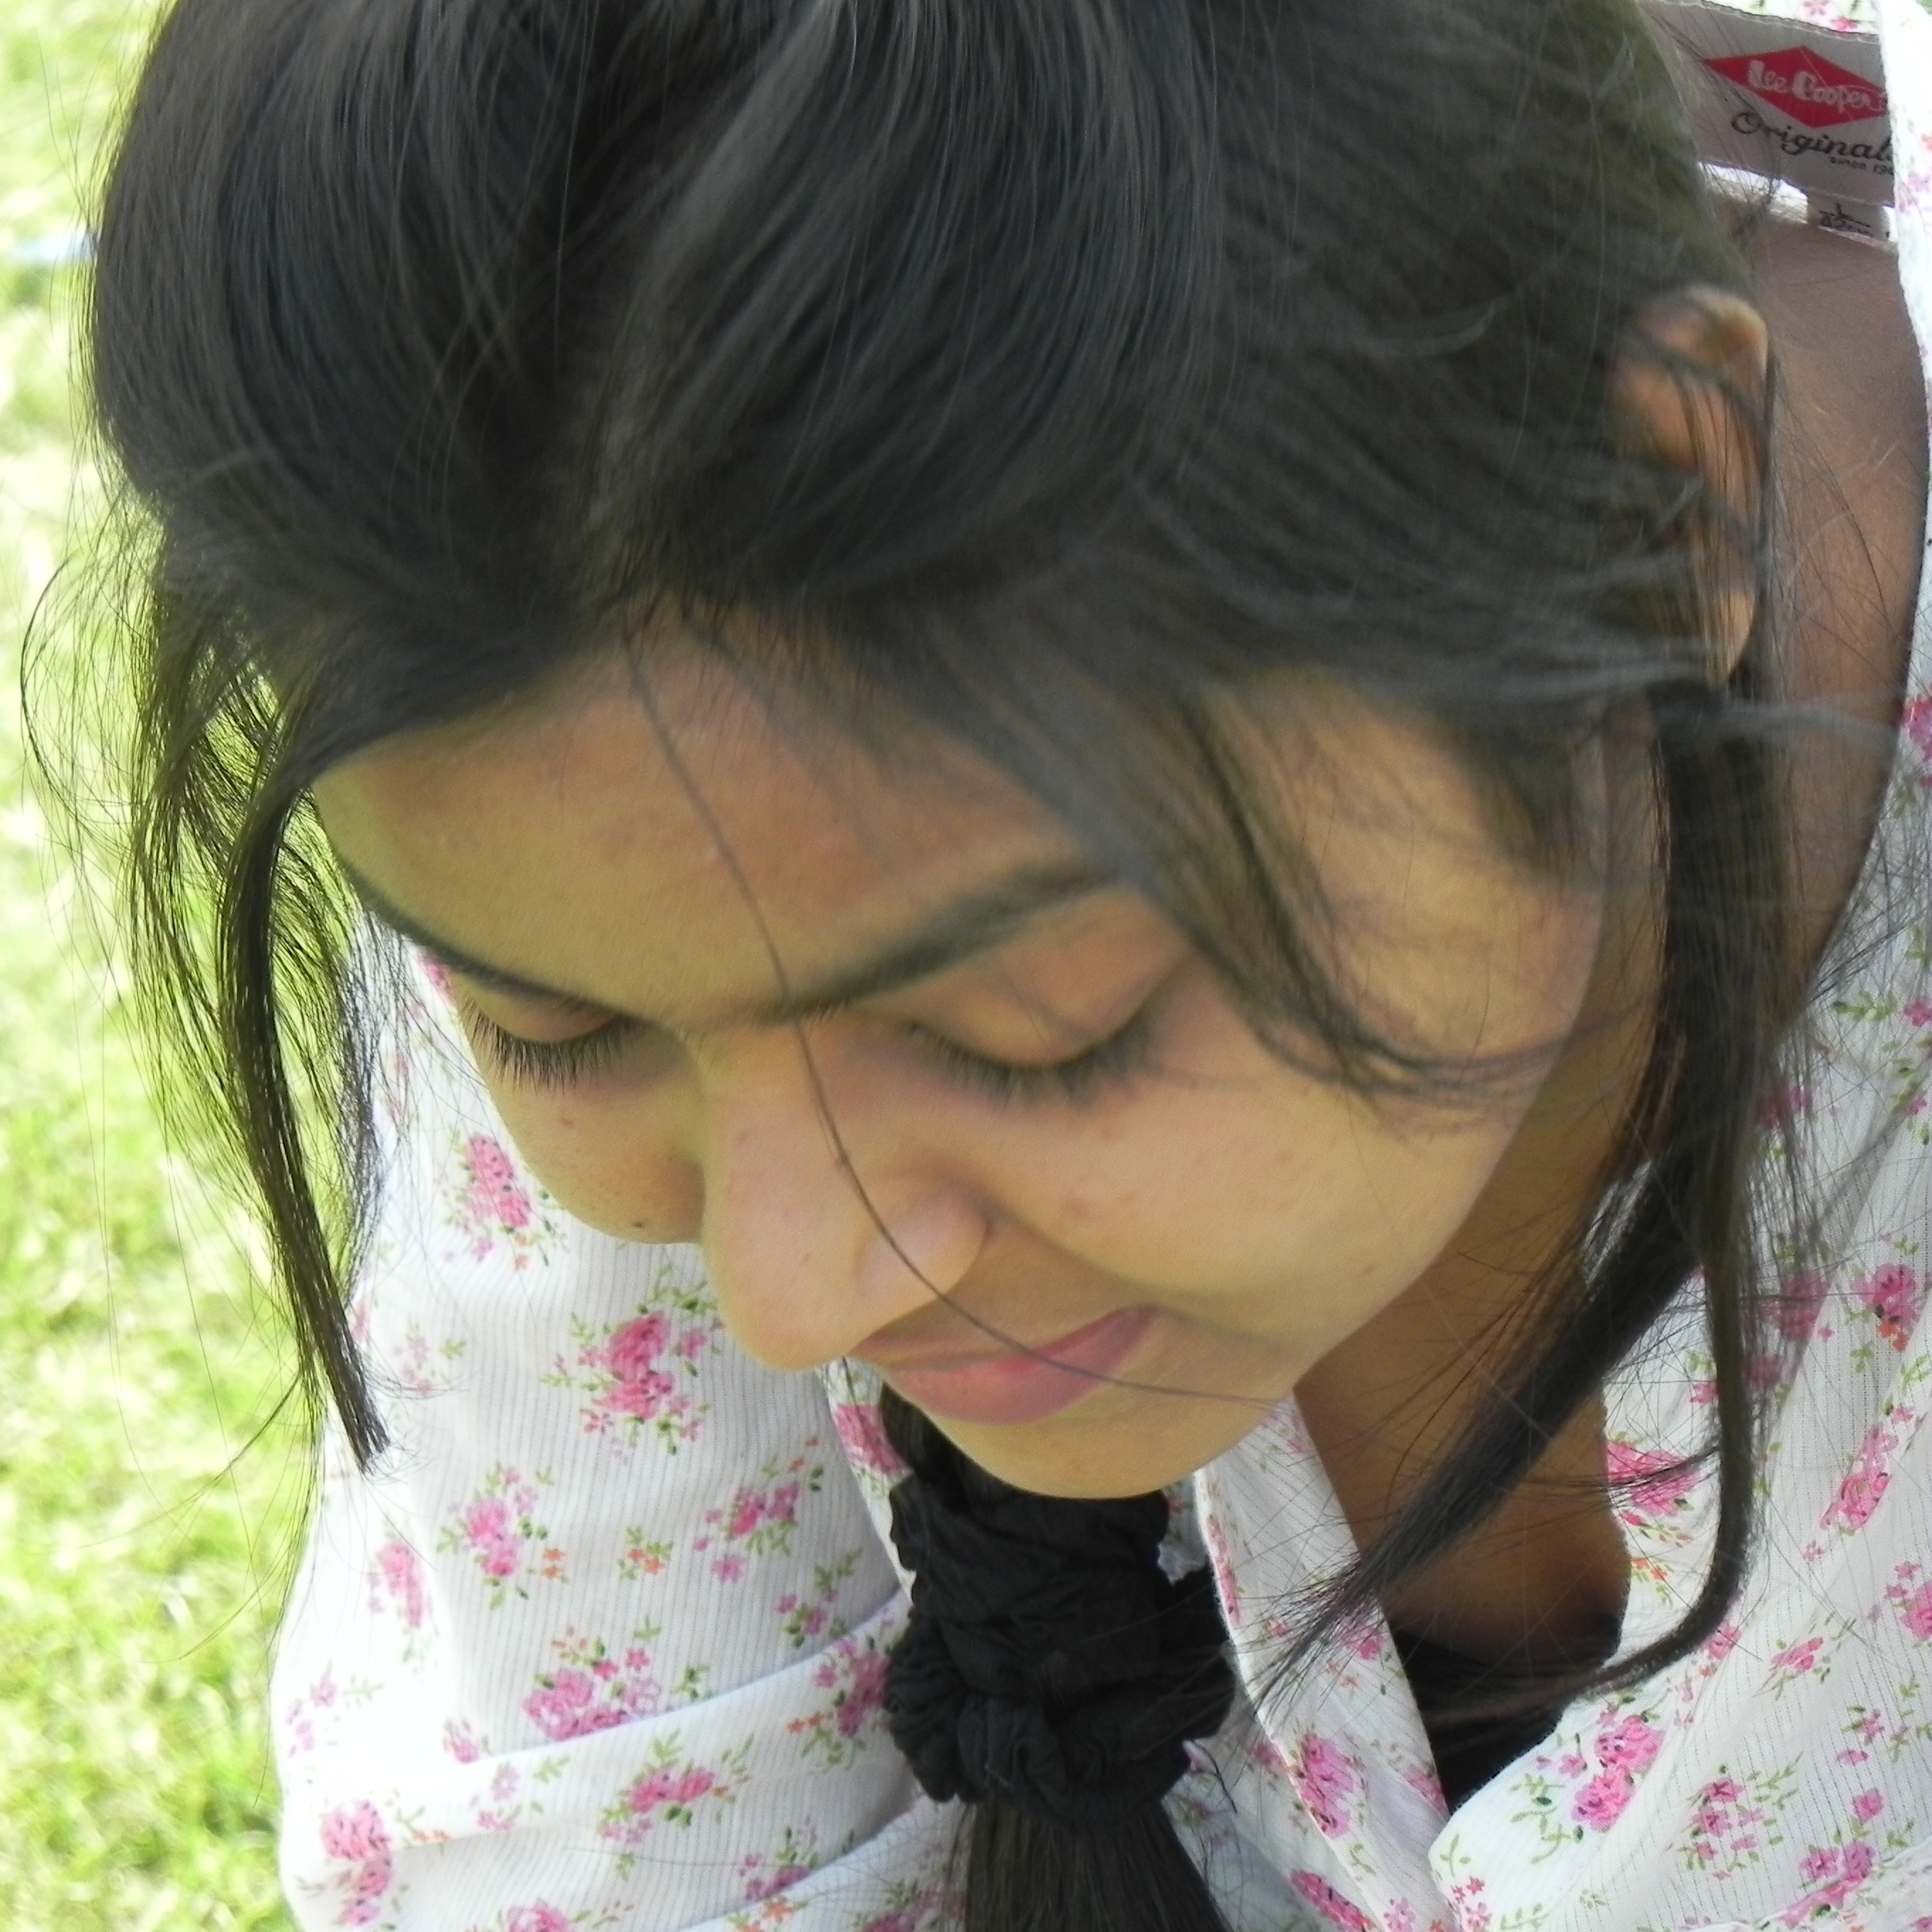 Pratishtha Nirankari